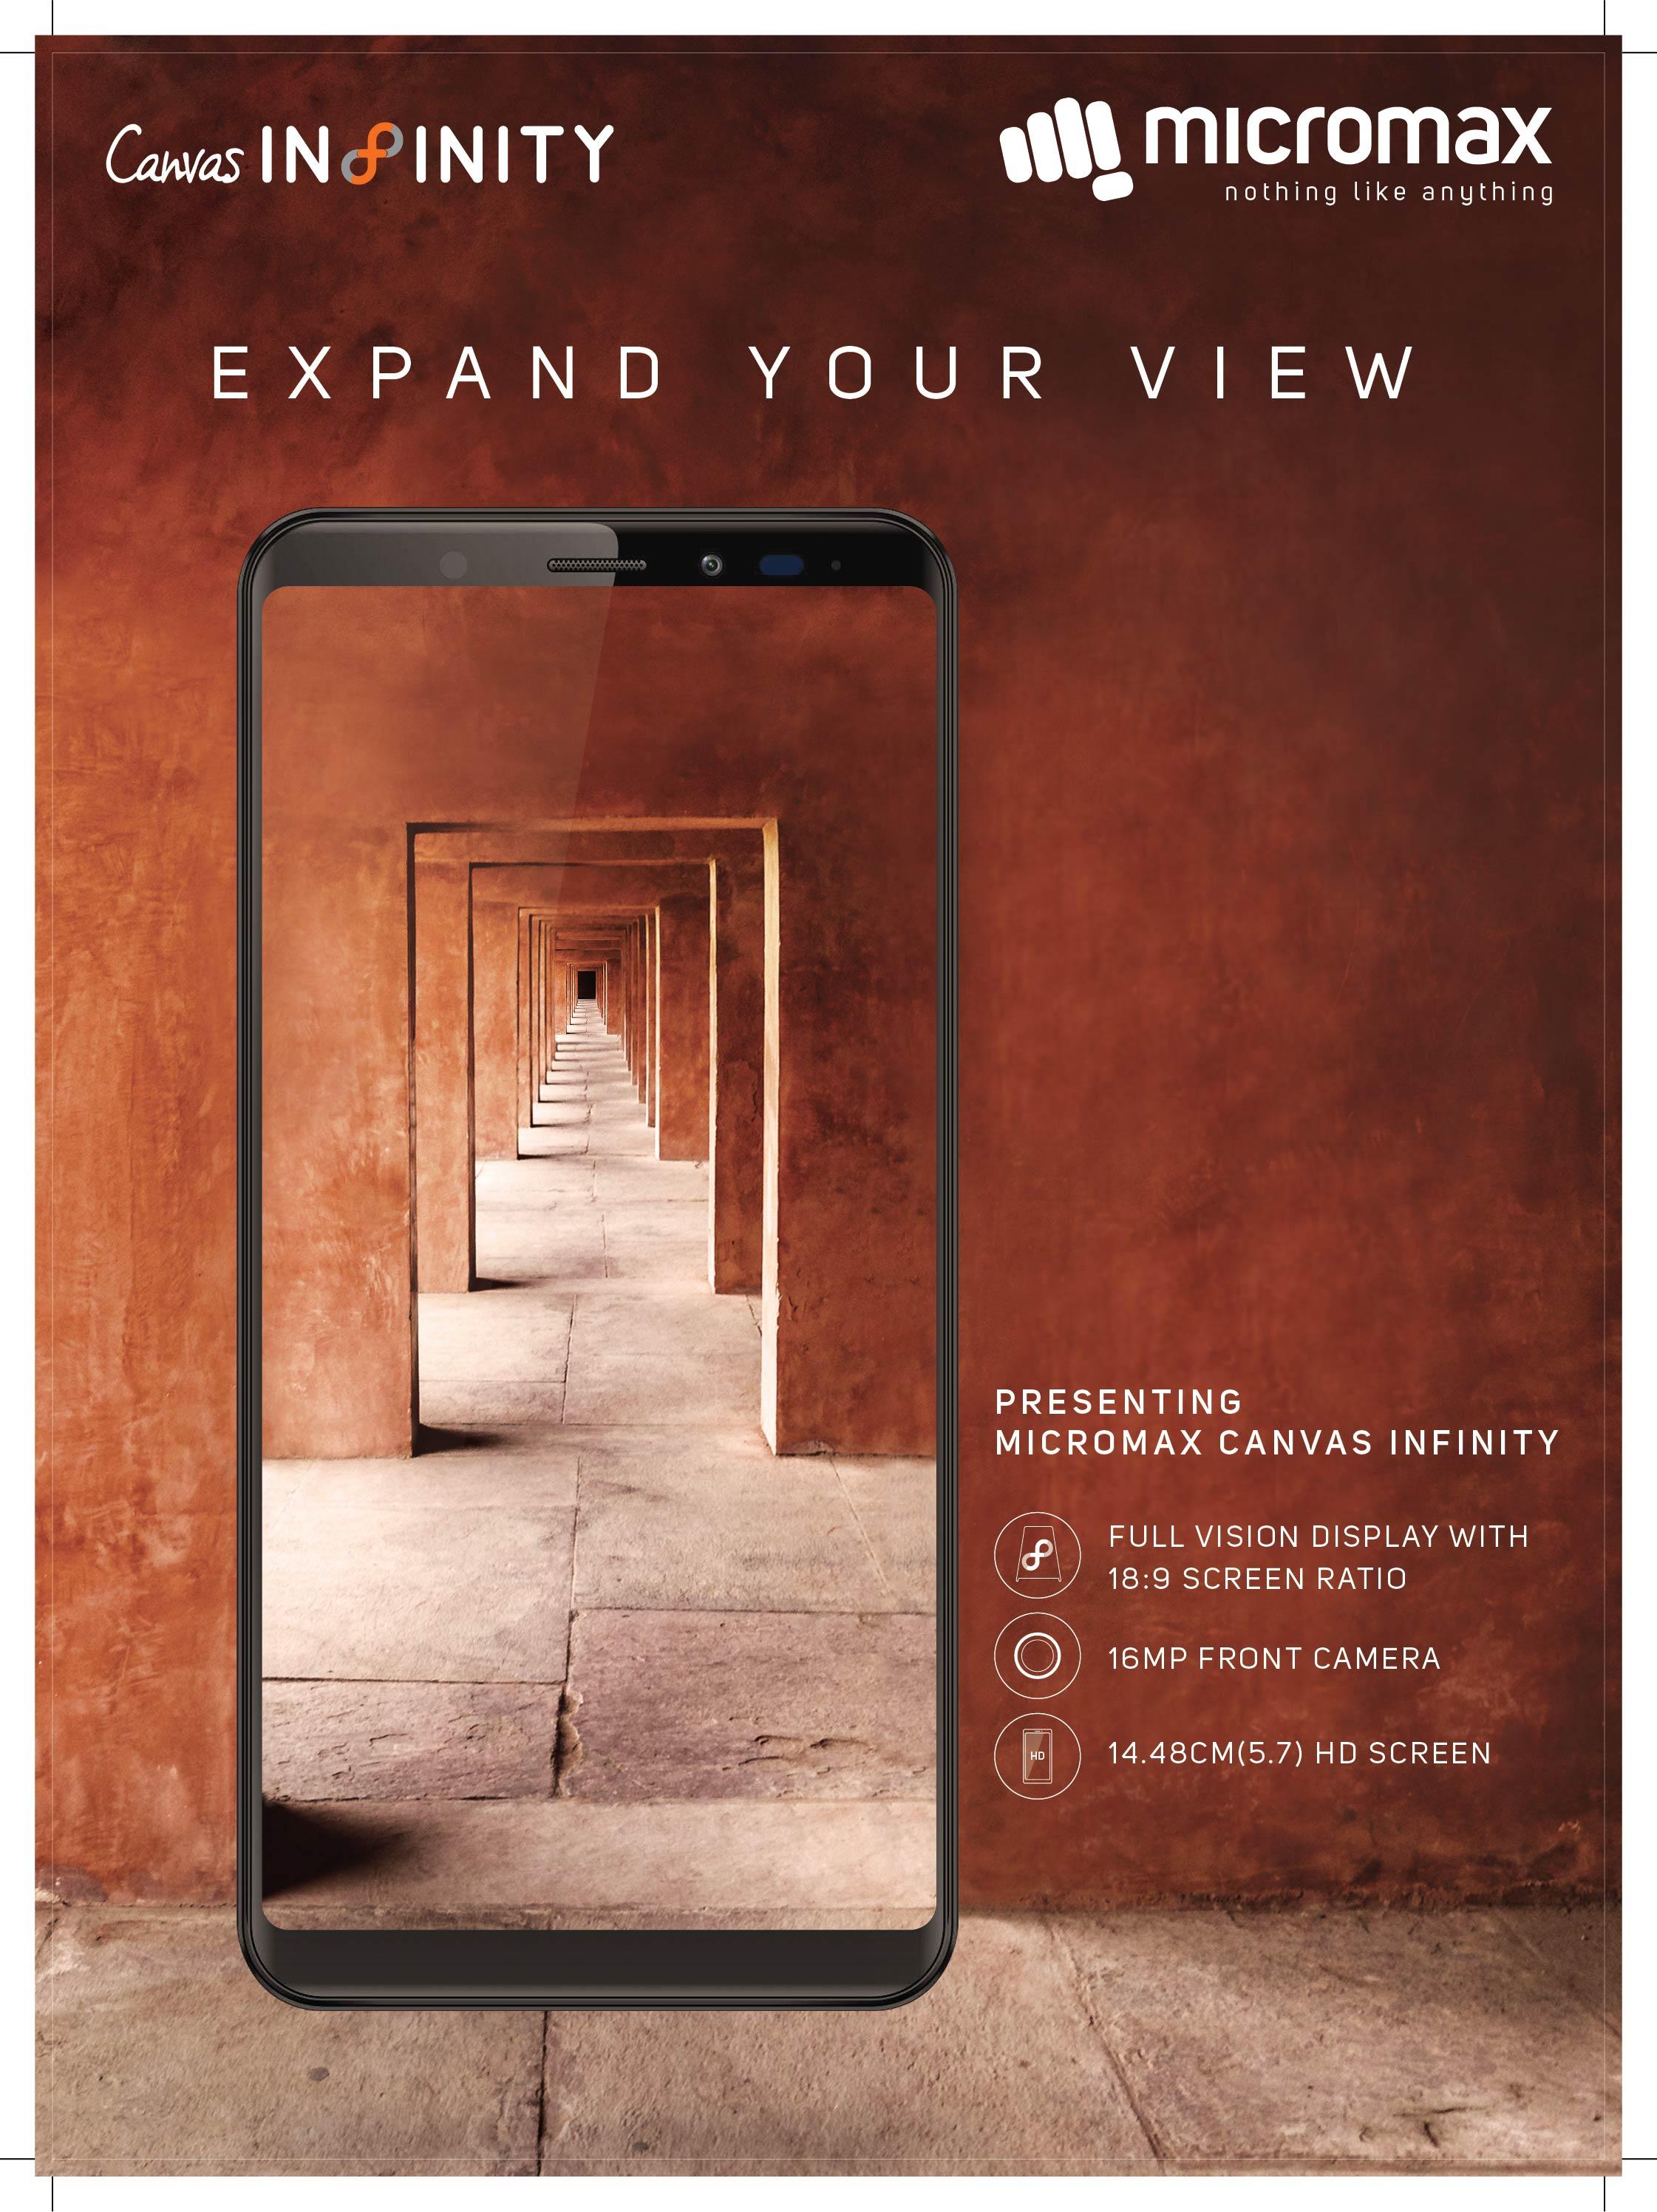 माइक्रोम्याक्सको क्यानभास इन्फिनिटी स्मार्टफोन बजारमा